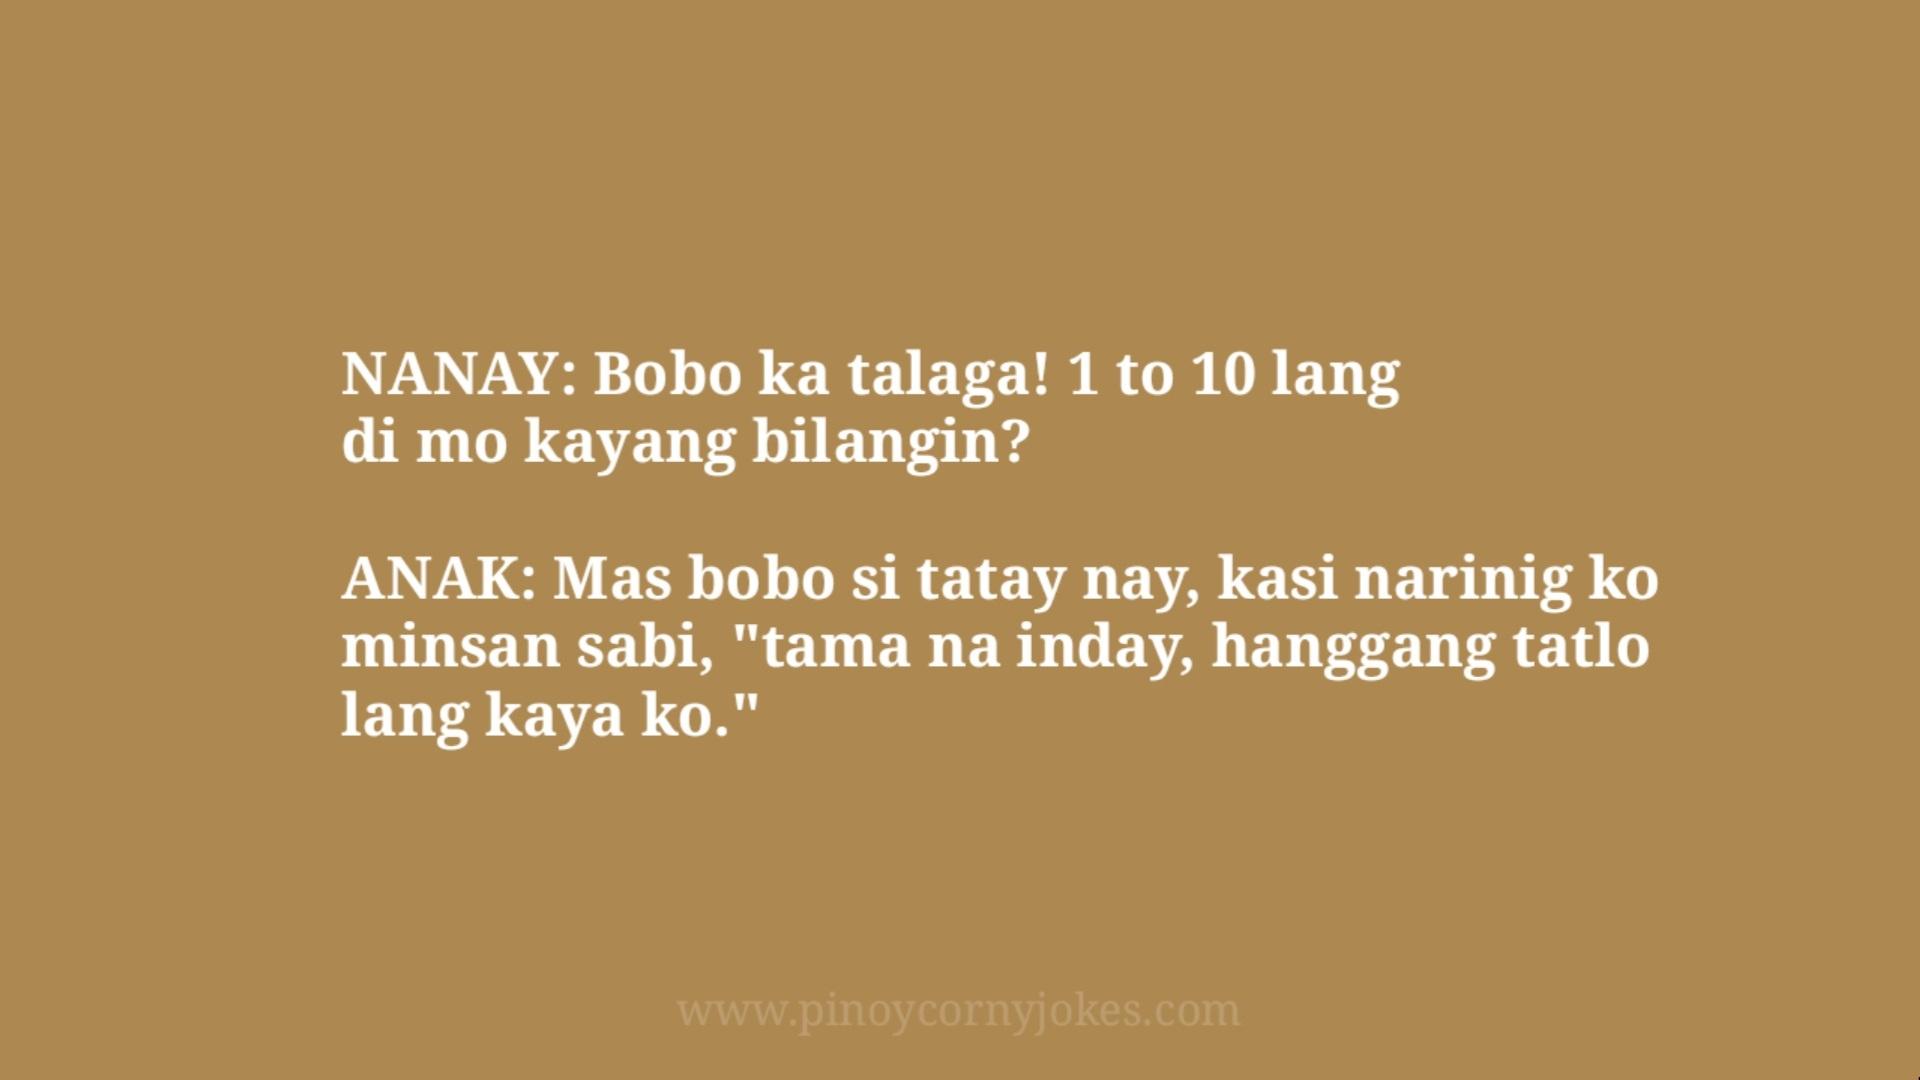 bobo pinoy jokes nanay tatay